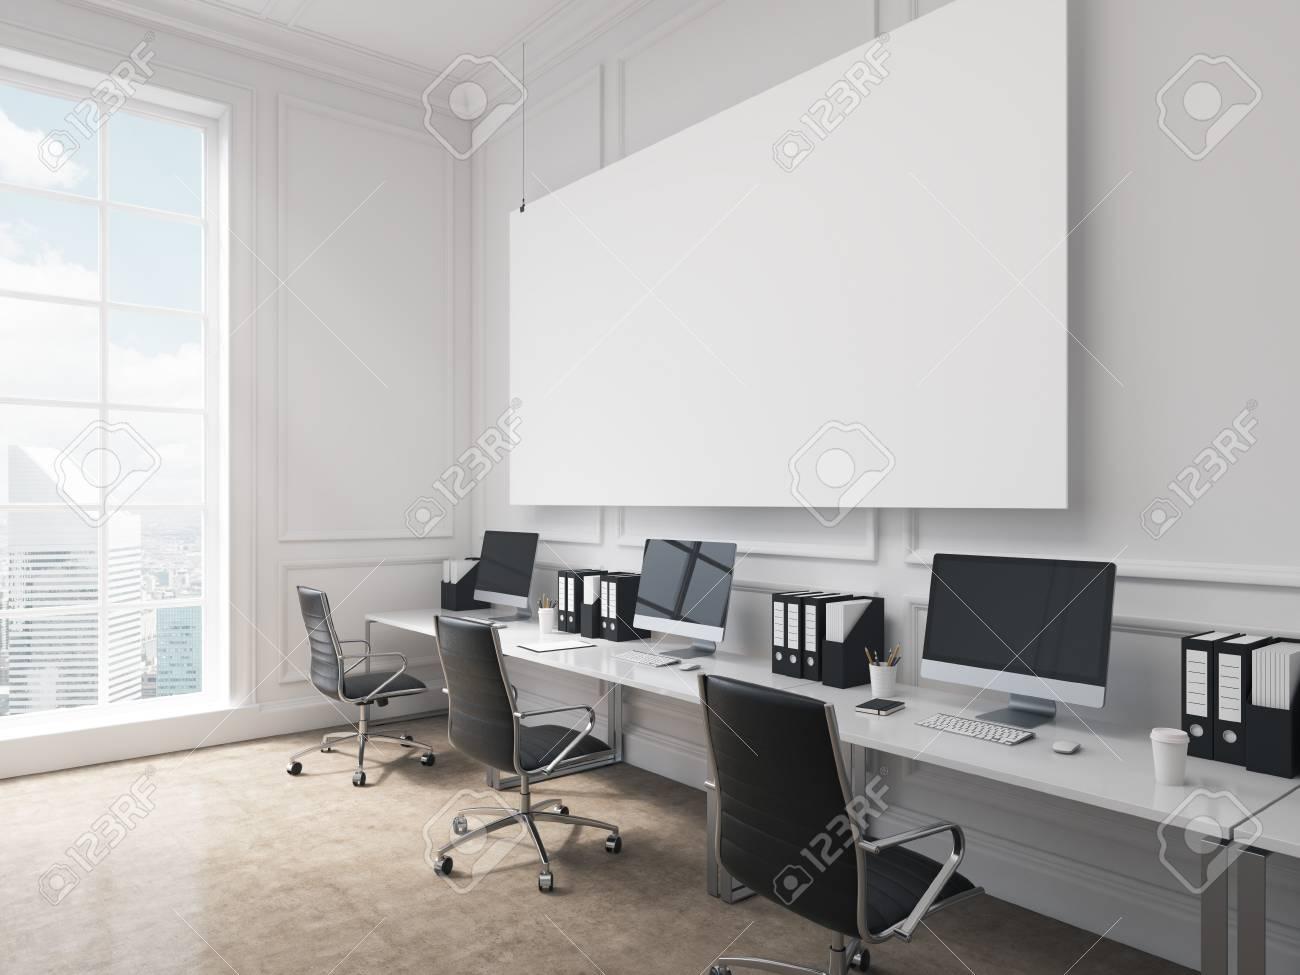 Un bureau espace ouvert des tables avec des ordinateurs disposés le